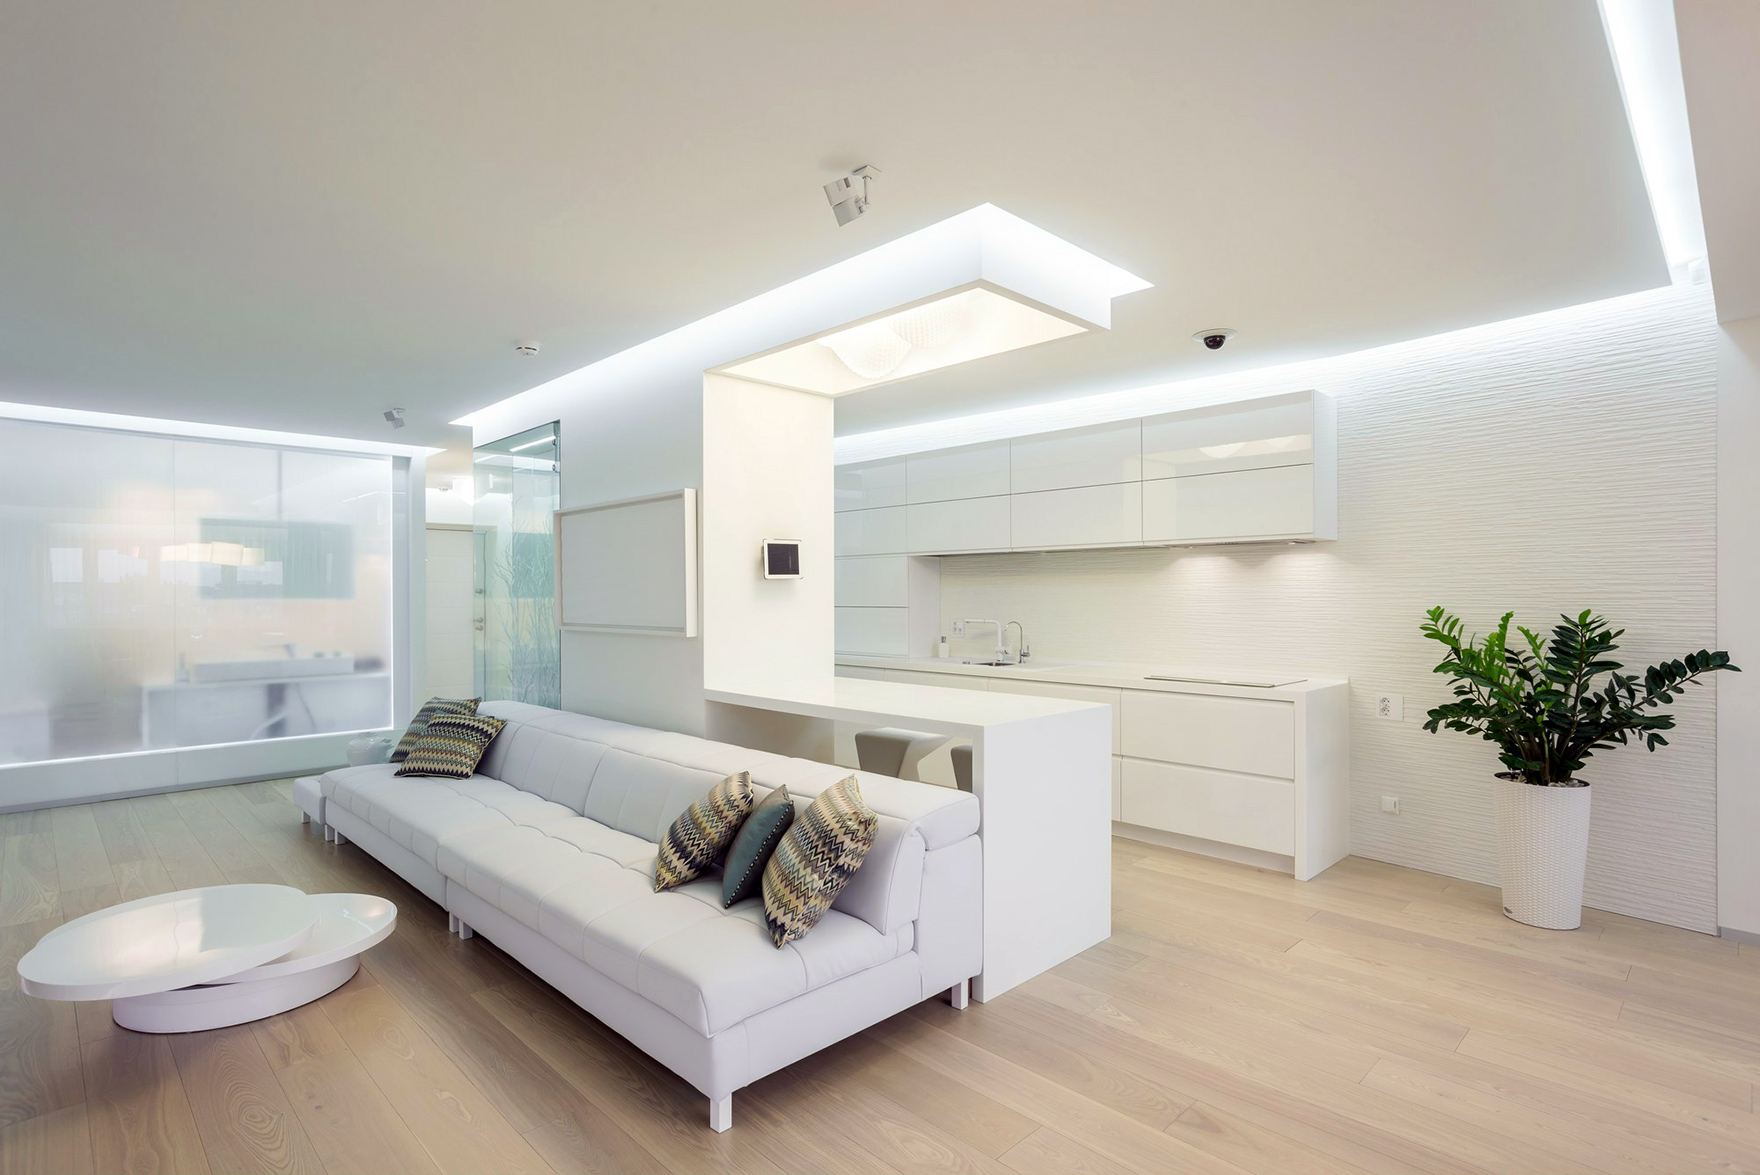 квартира в светлых тонах и современном стиле фото